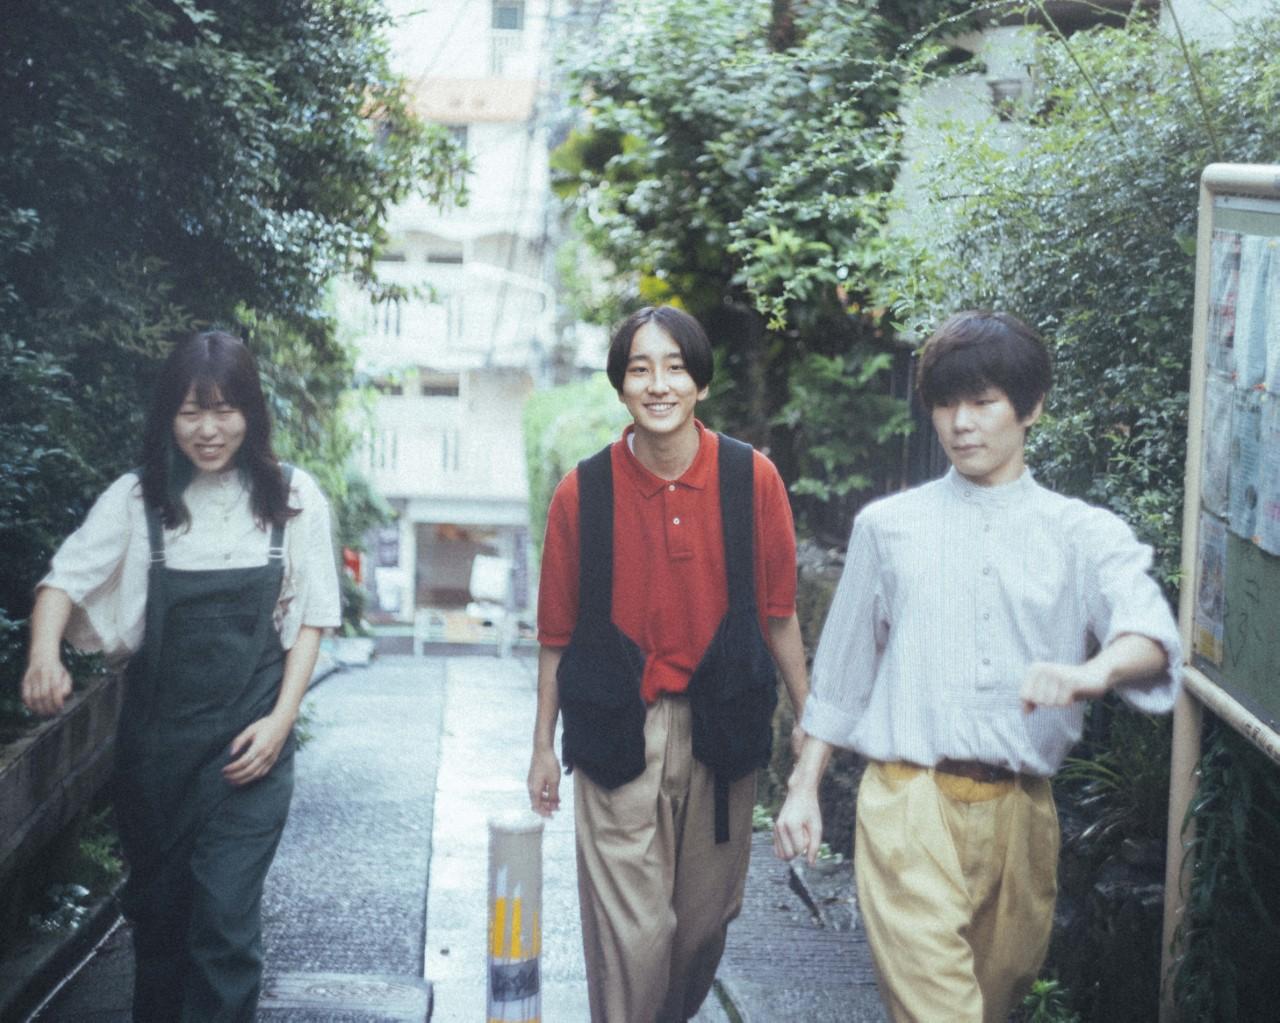 リュックと添い寝ごはん、初ワンマンツアーファイナル12月23日東京WWW公演の生配信が決定